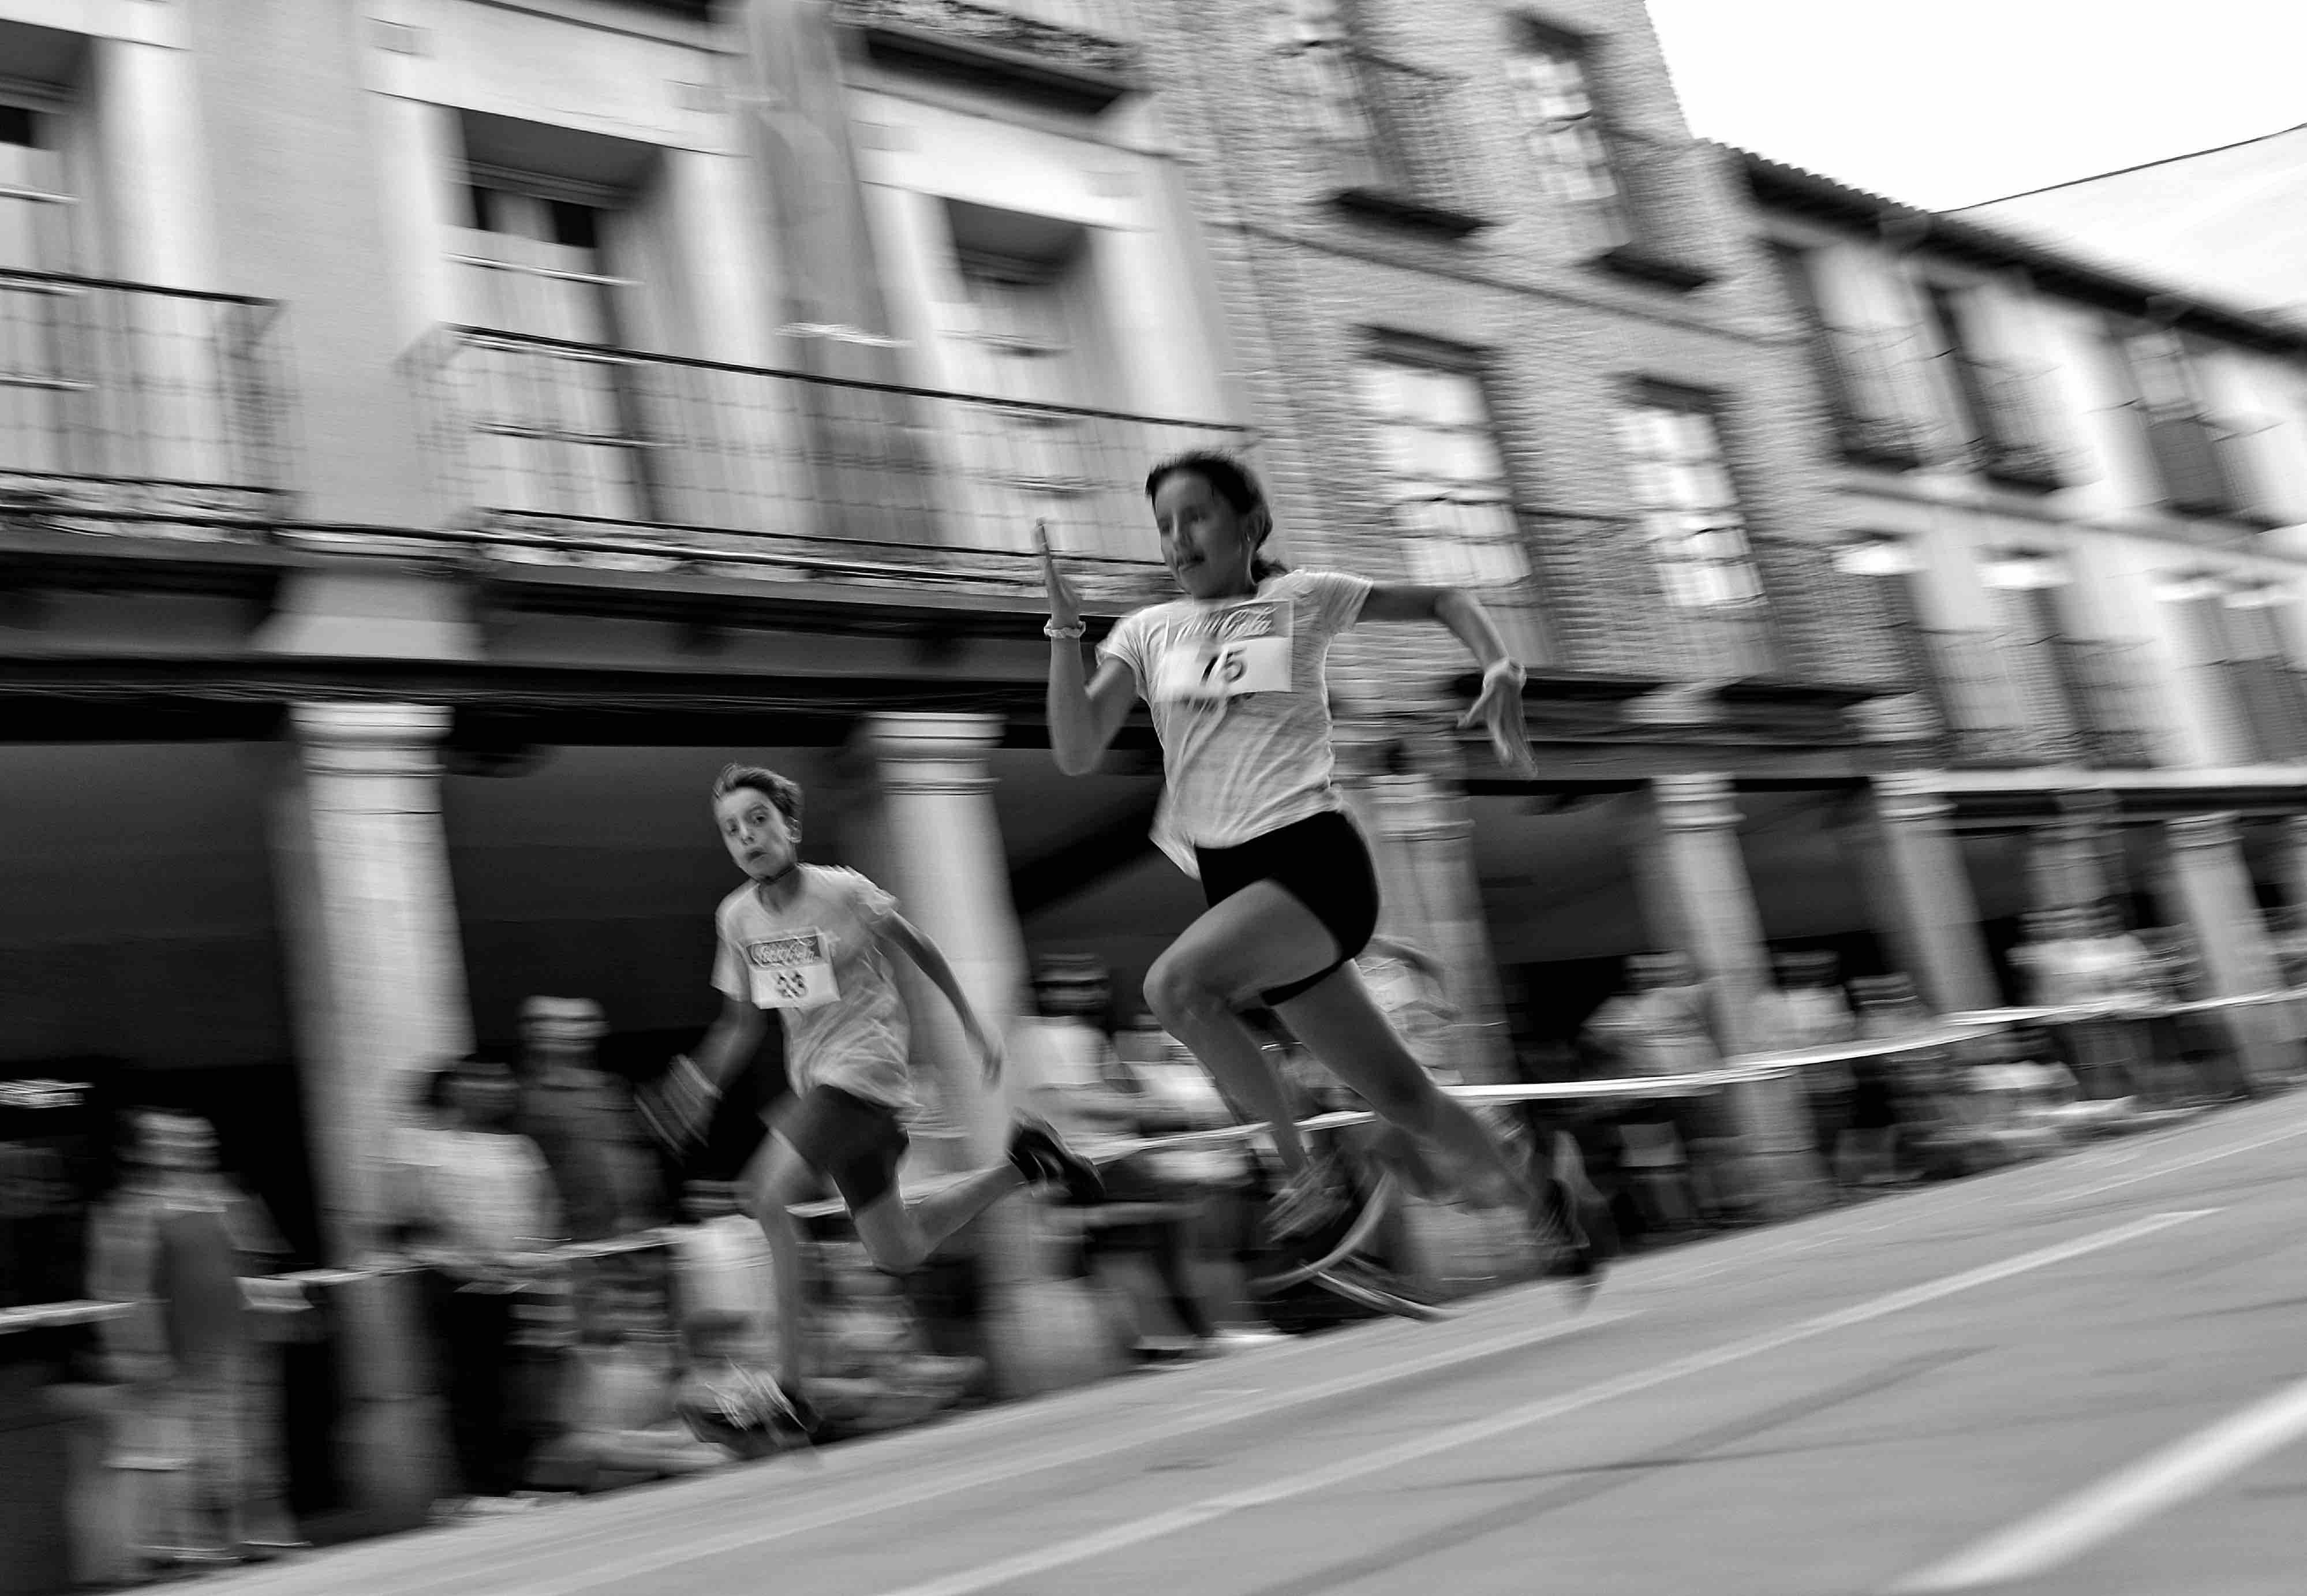 Ricardo espinosa151